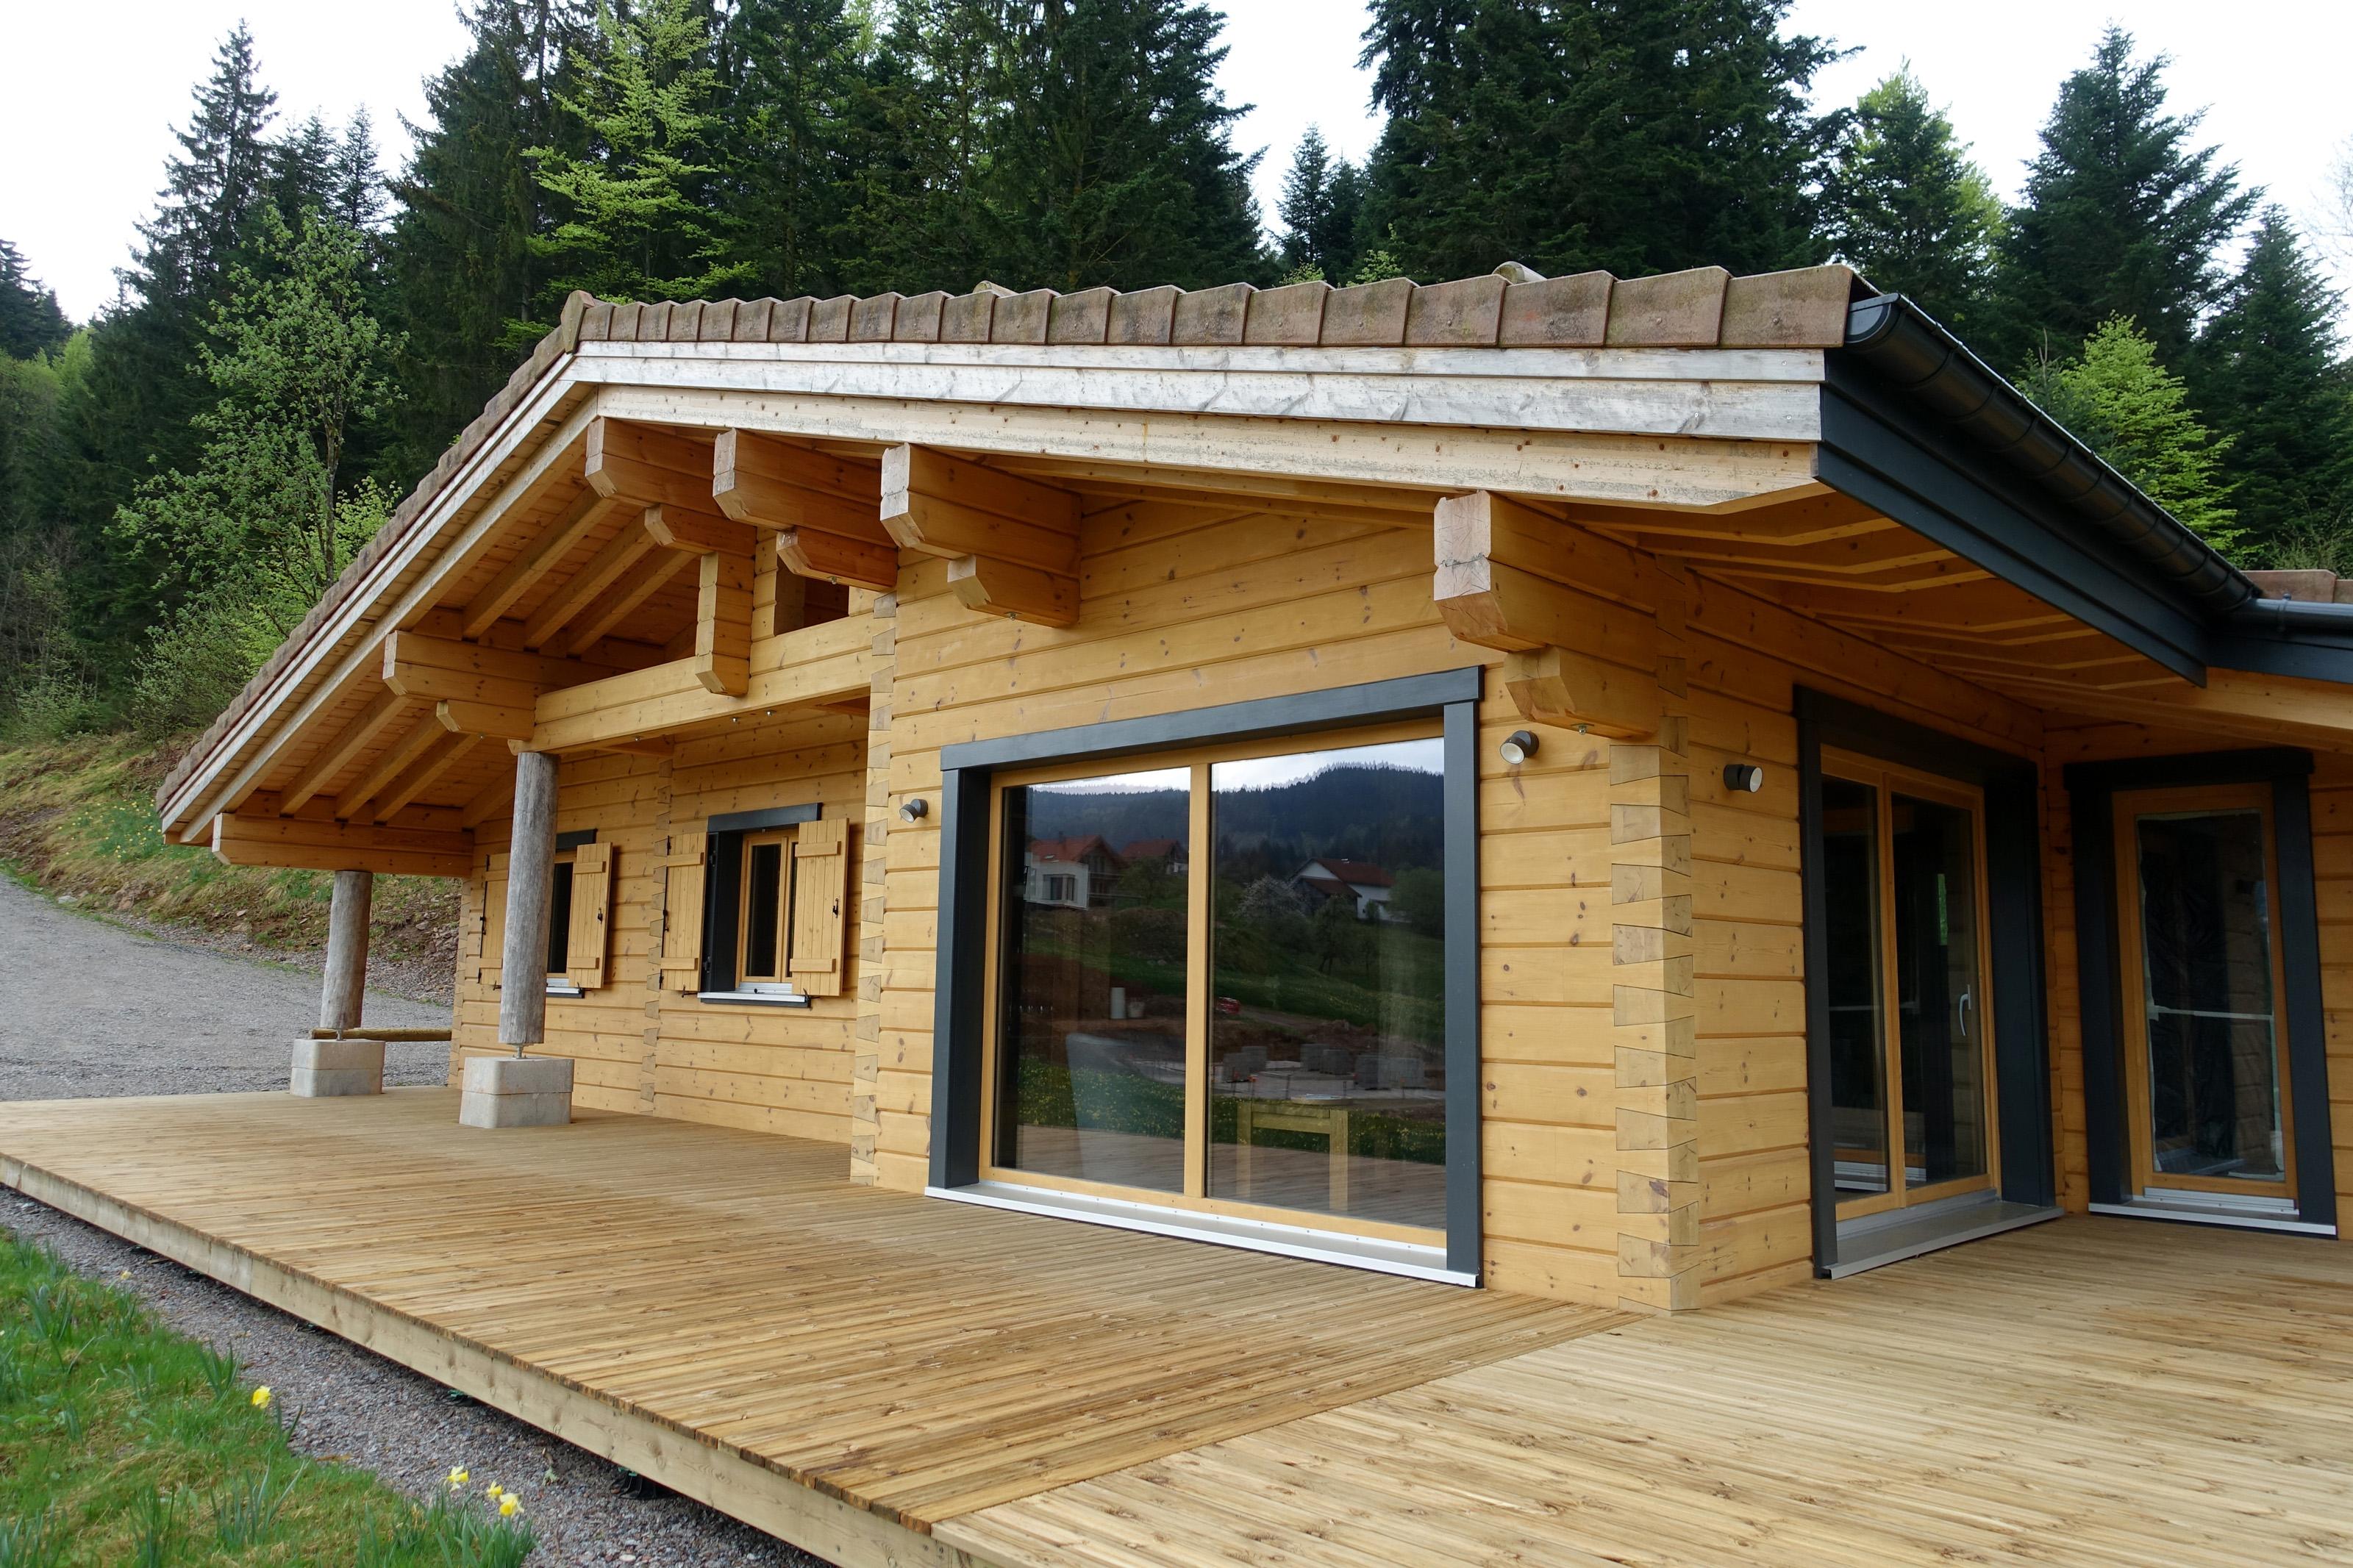 maison en bois cologique contruite g rardmer dans les. Black Bedroom Furniture Sets. Home Design Ideas